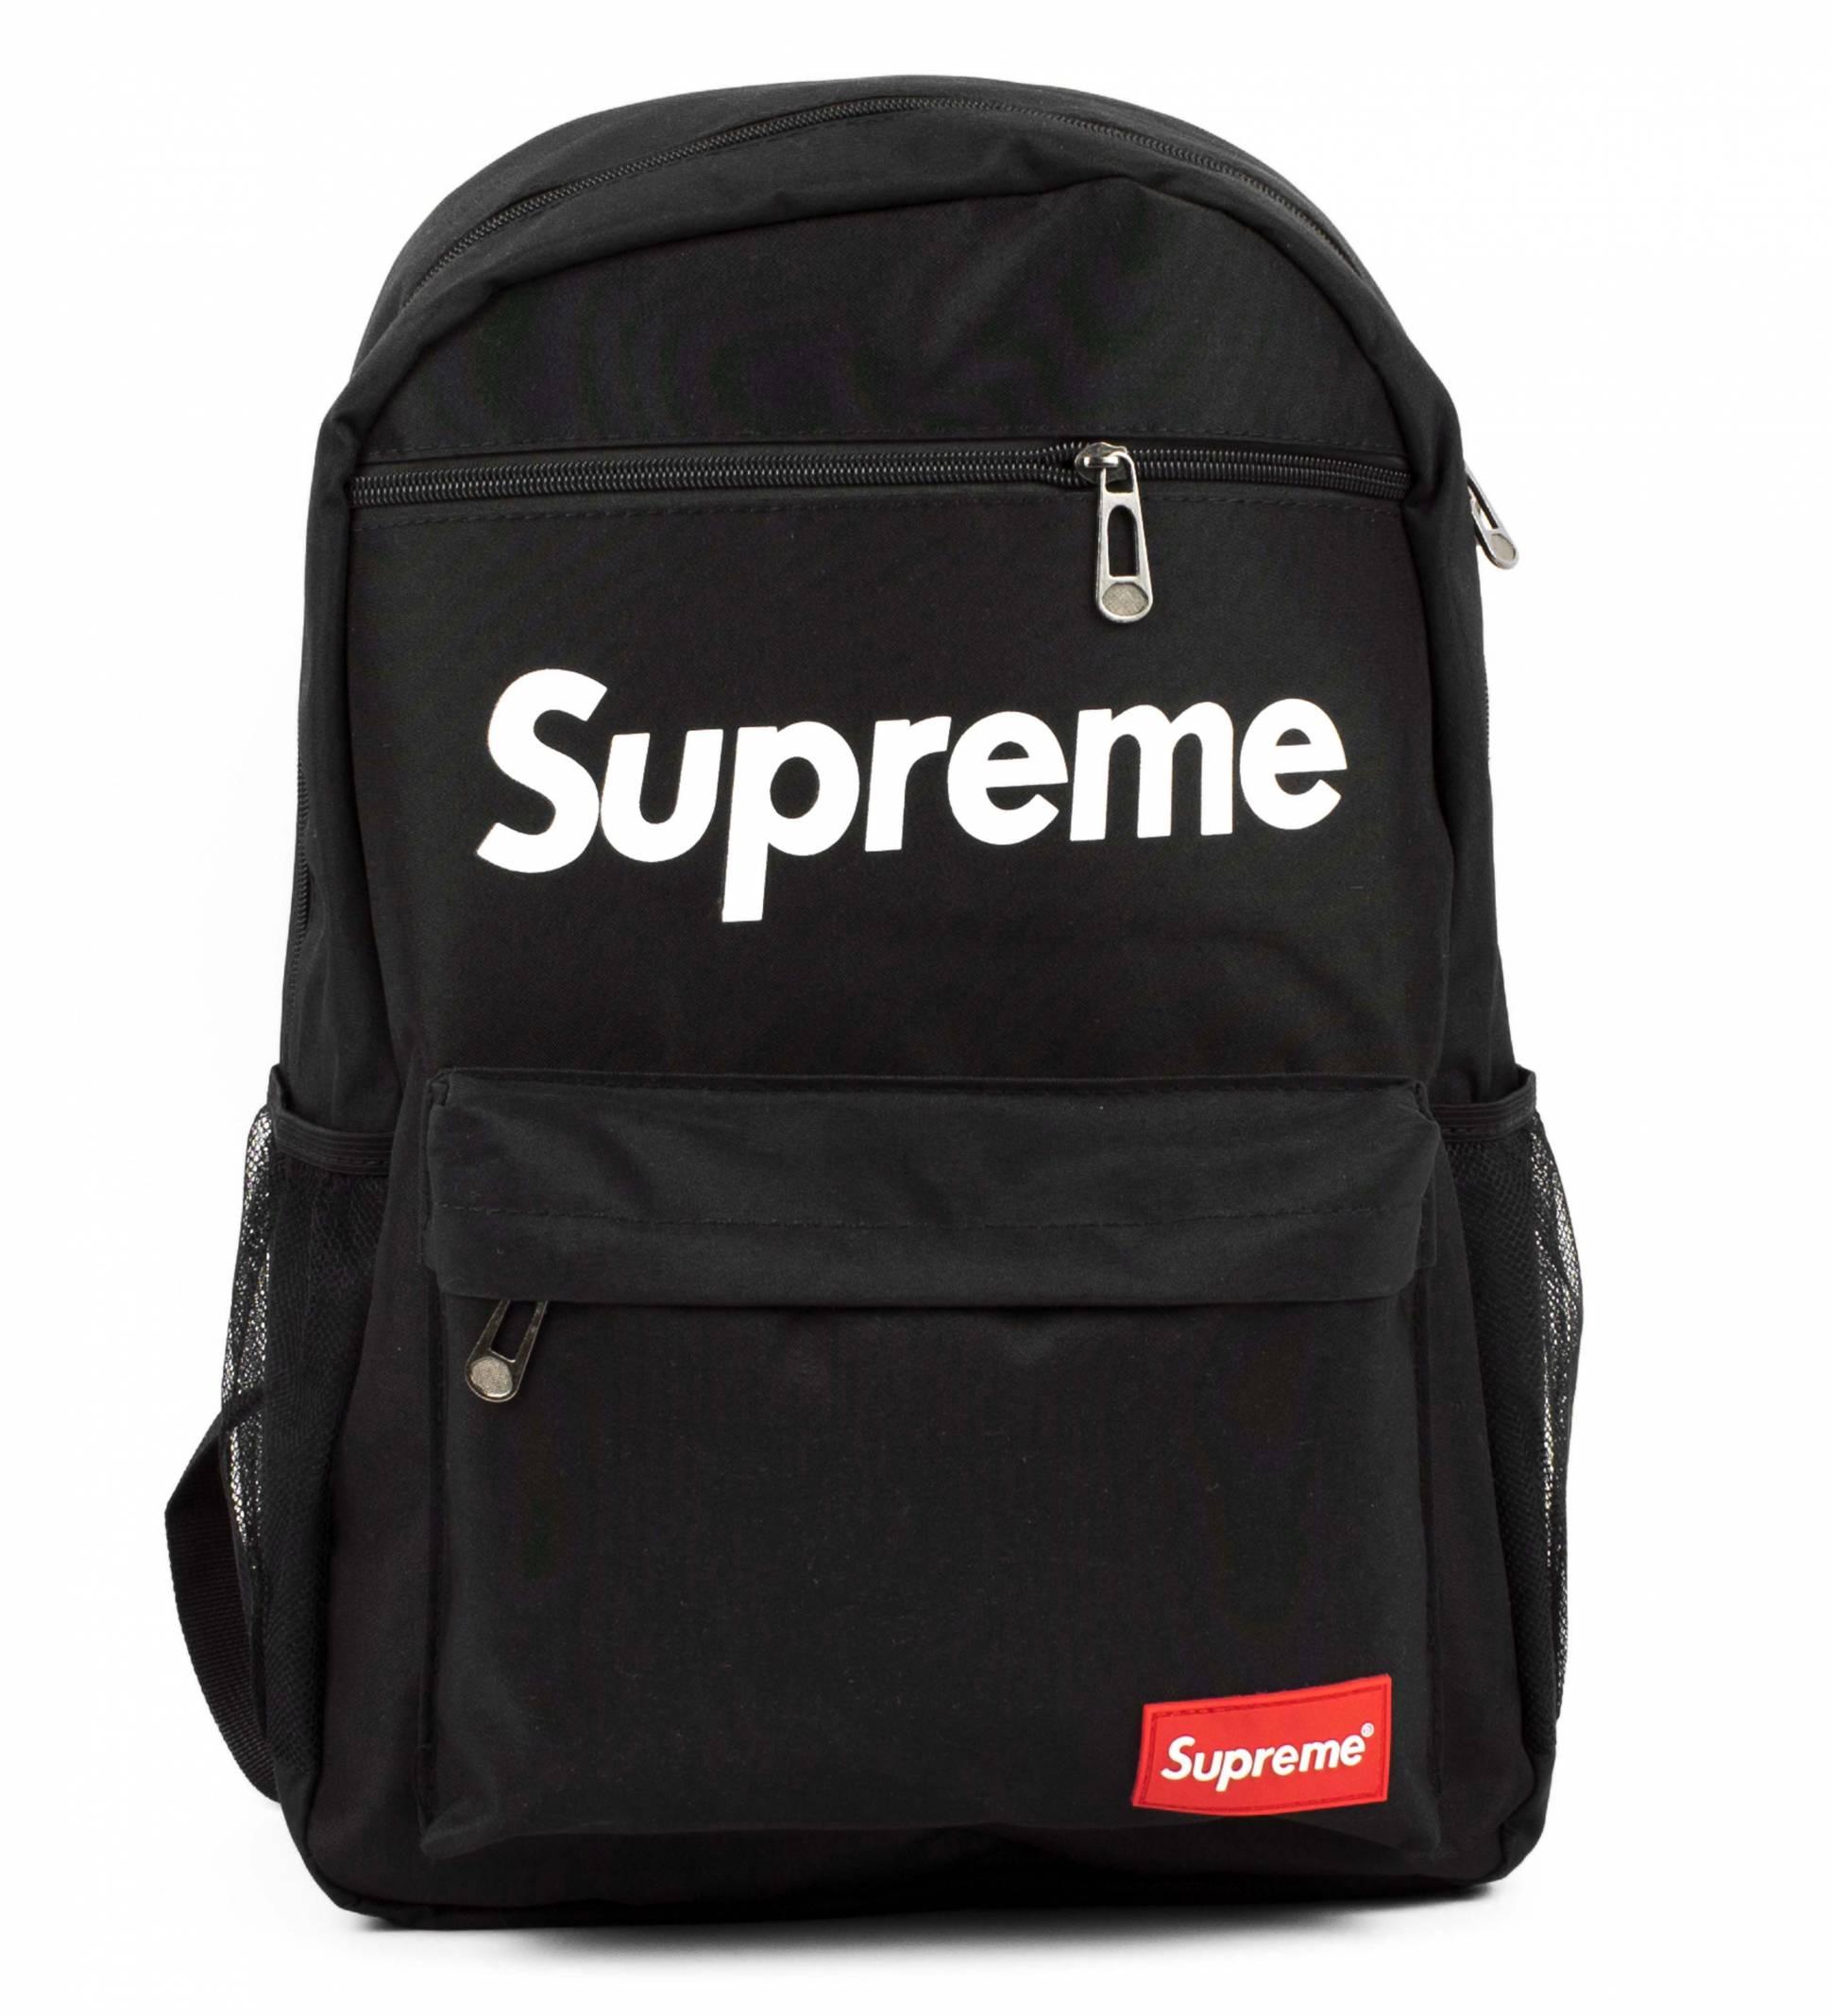 99f8e7d1f0ef Рюкзак Supreme S711 черный купить по цене 1 690 руб. в интернет ...